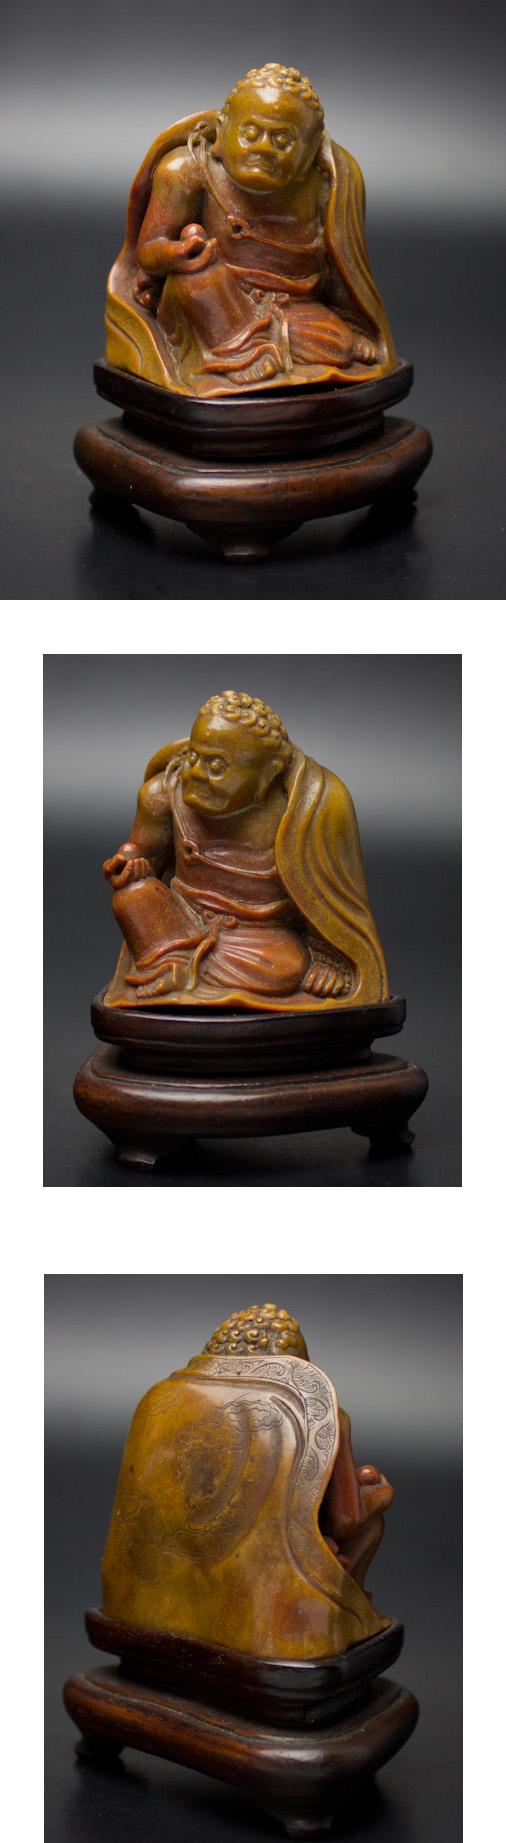 寿山石雕罗汉像-jpware